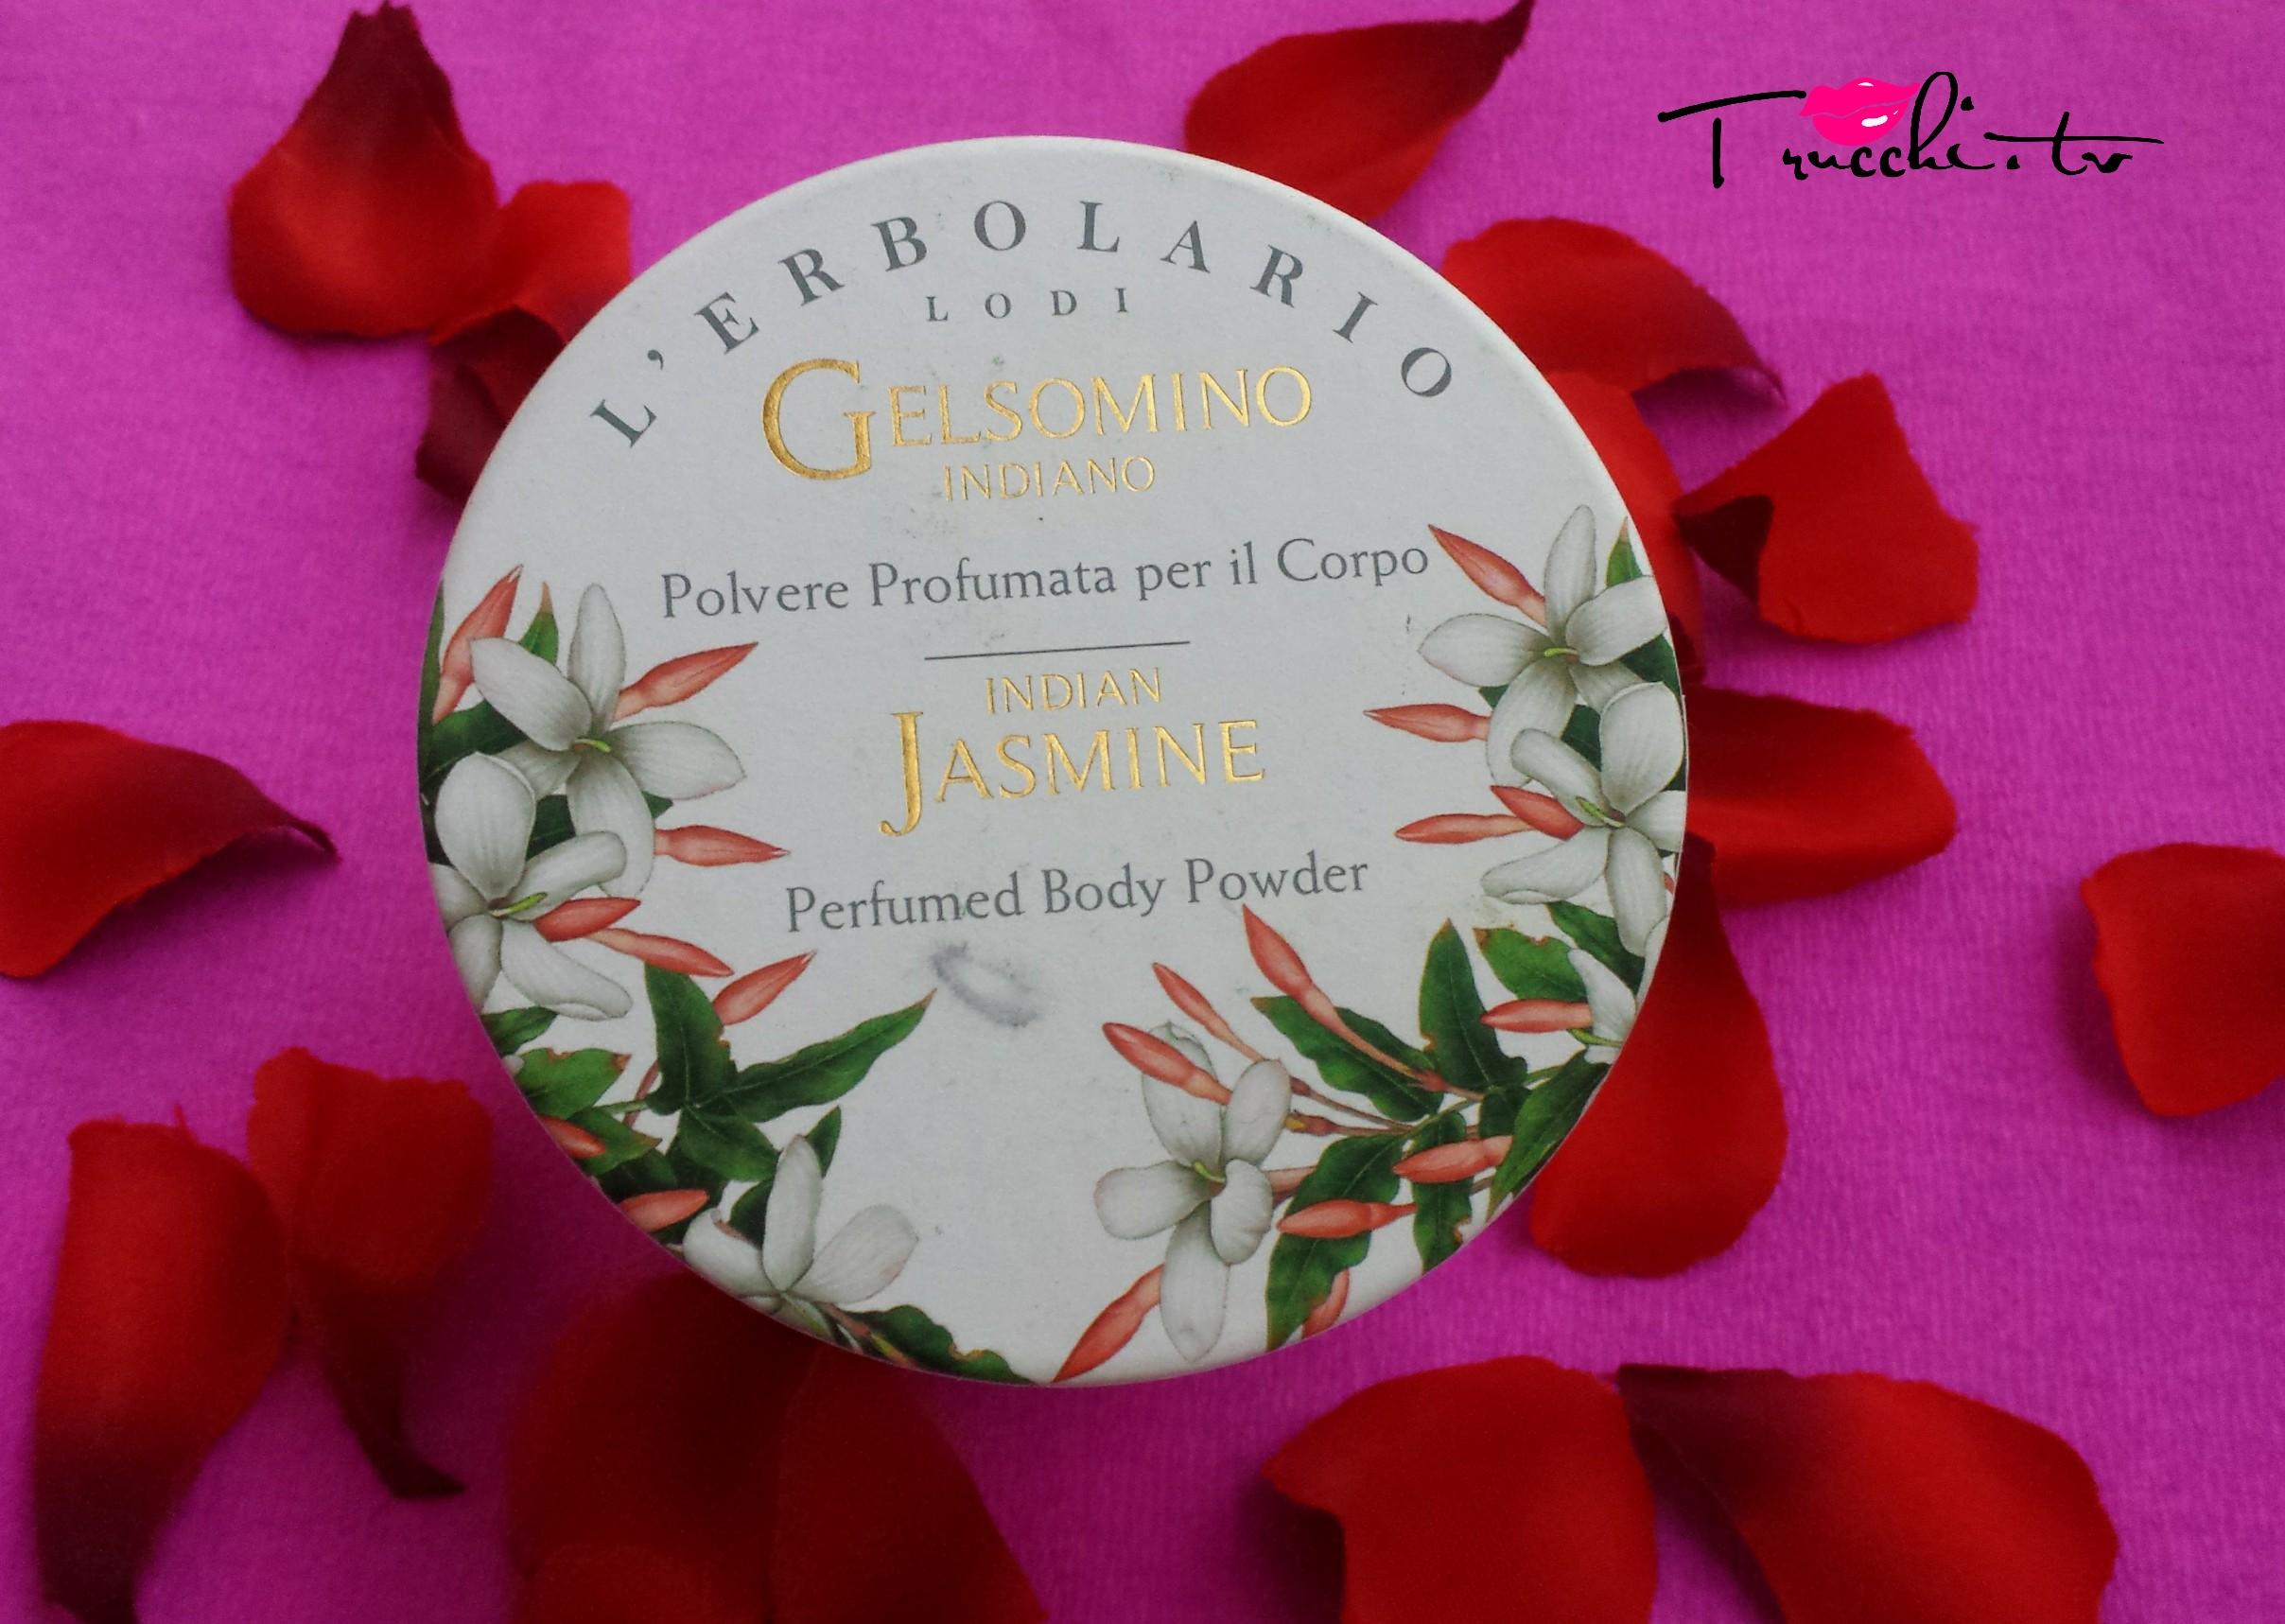 Review Erbolario Gelsomino Indiano: Polvere Profumata Per il Corpo